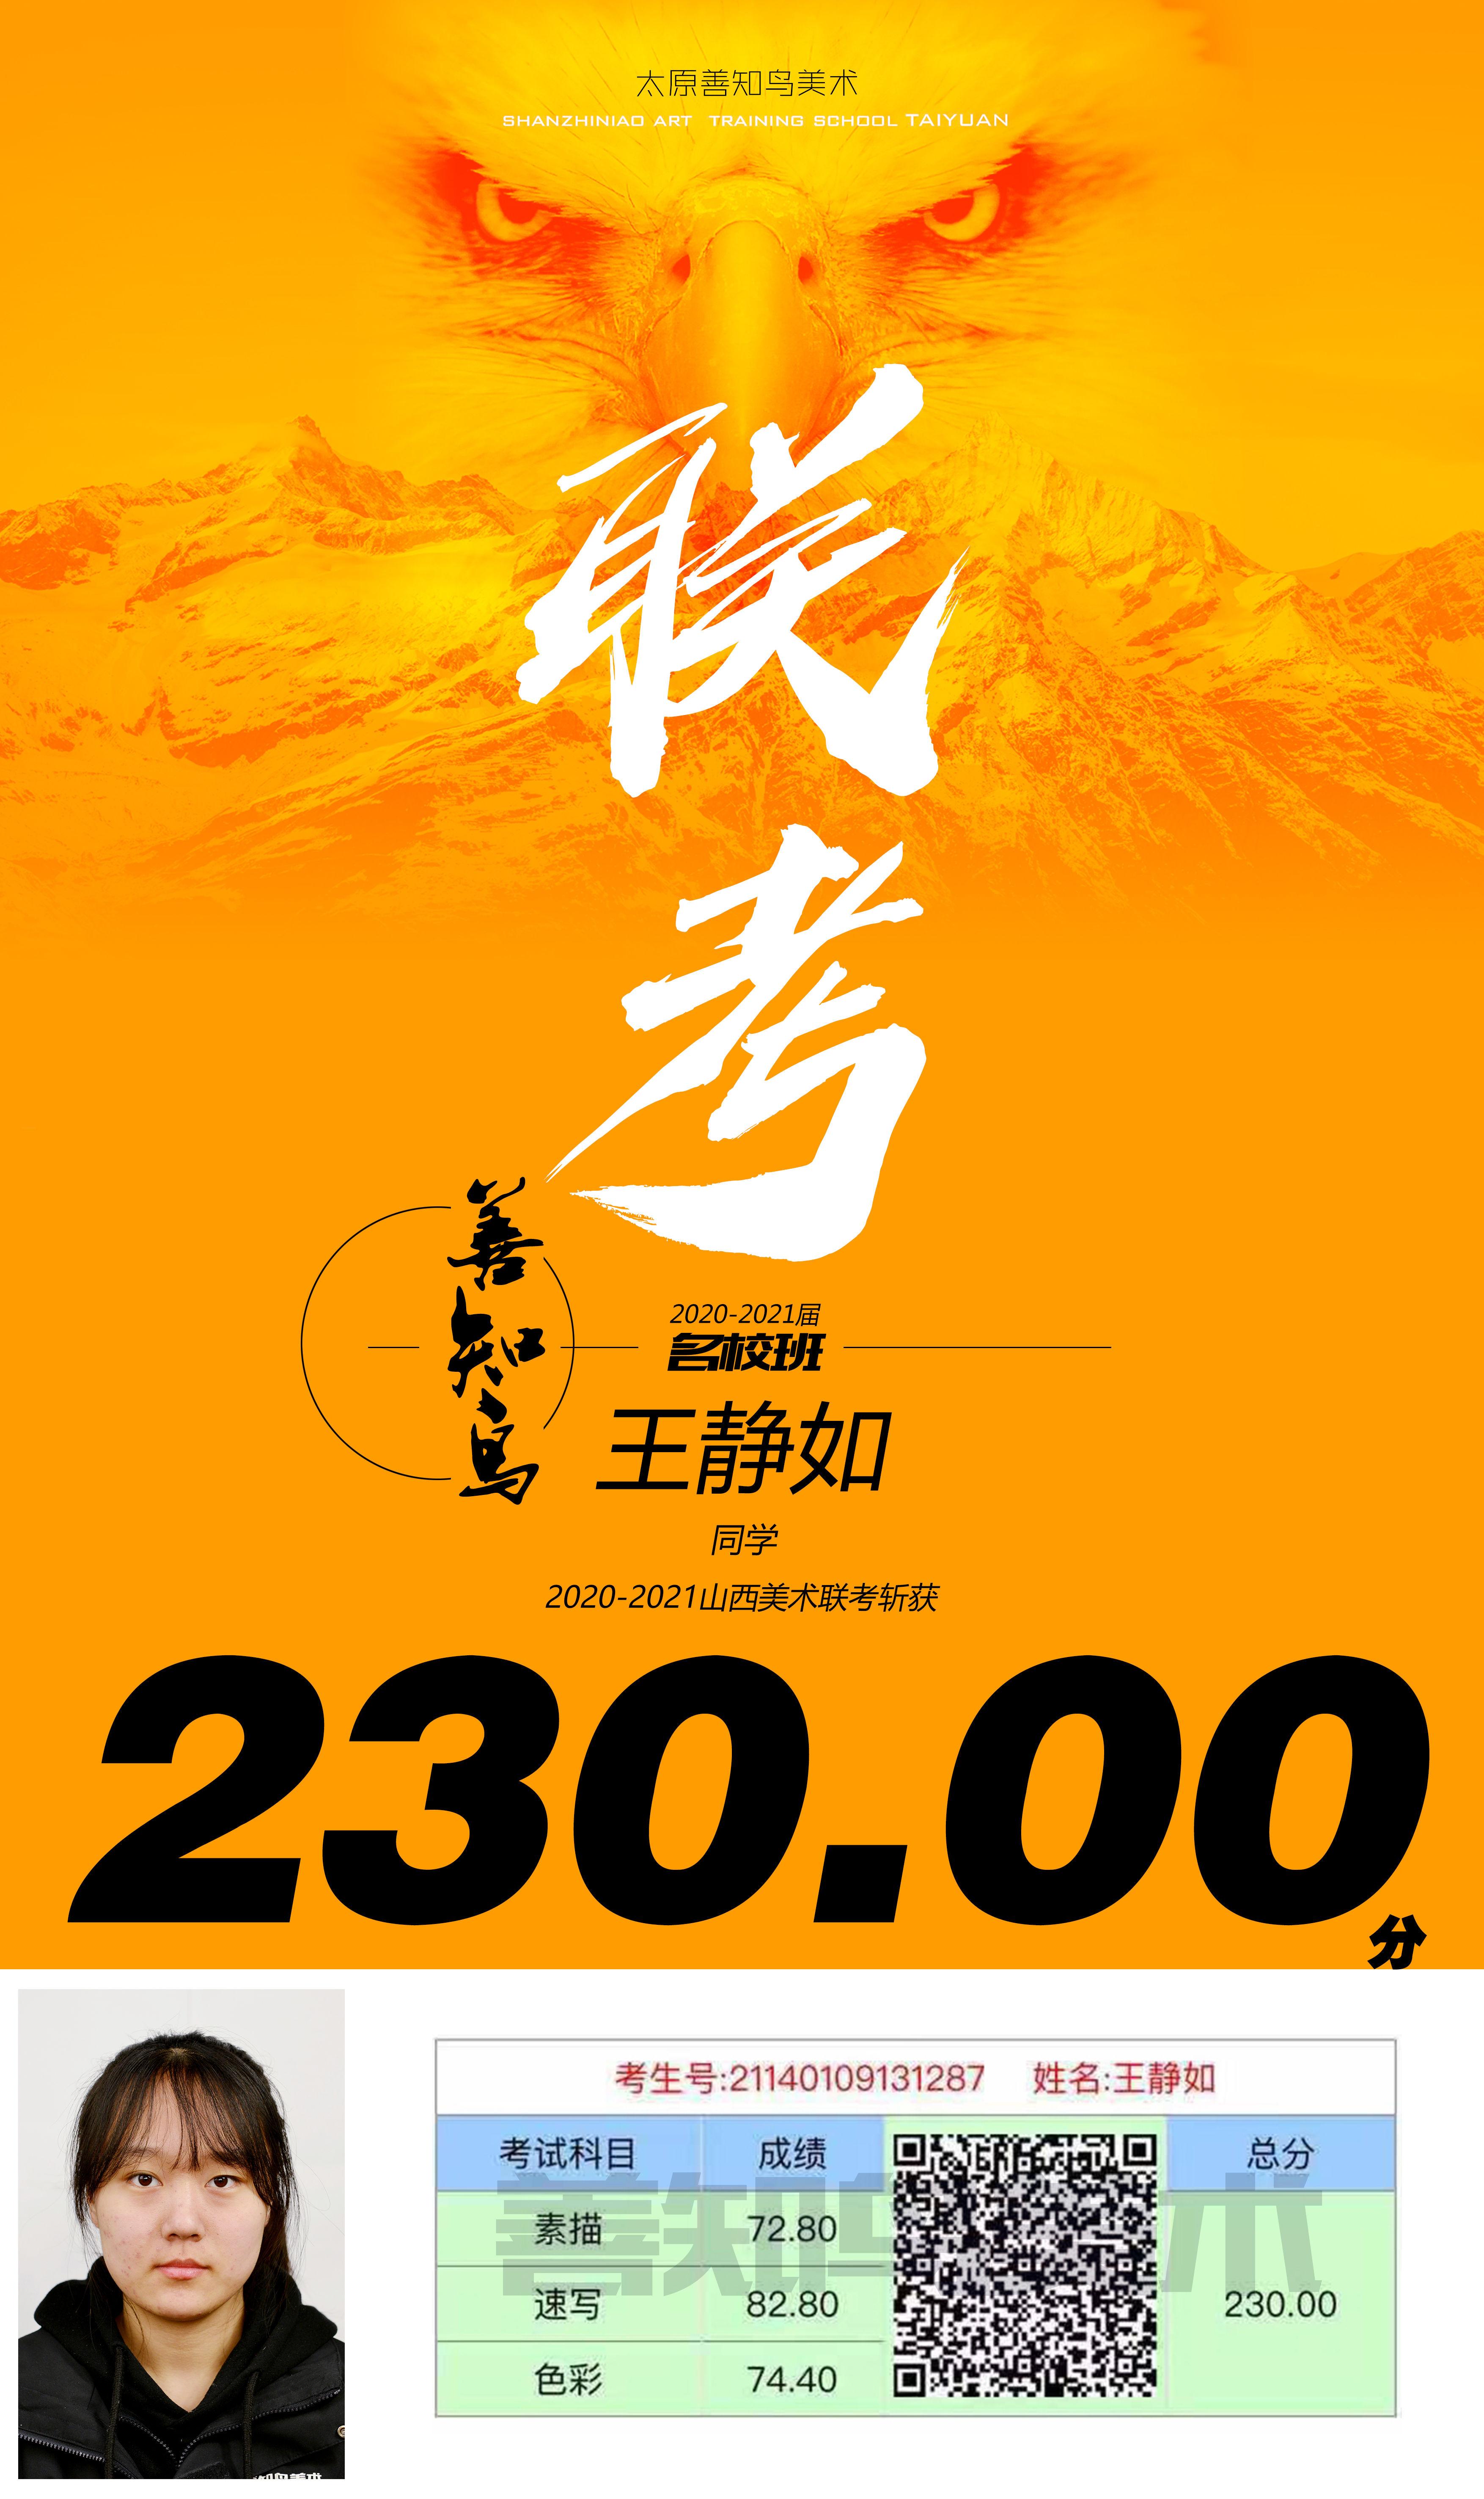 230.00王静如.jpg